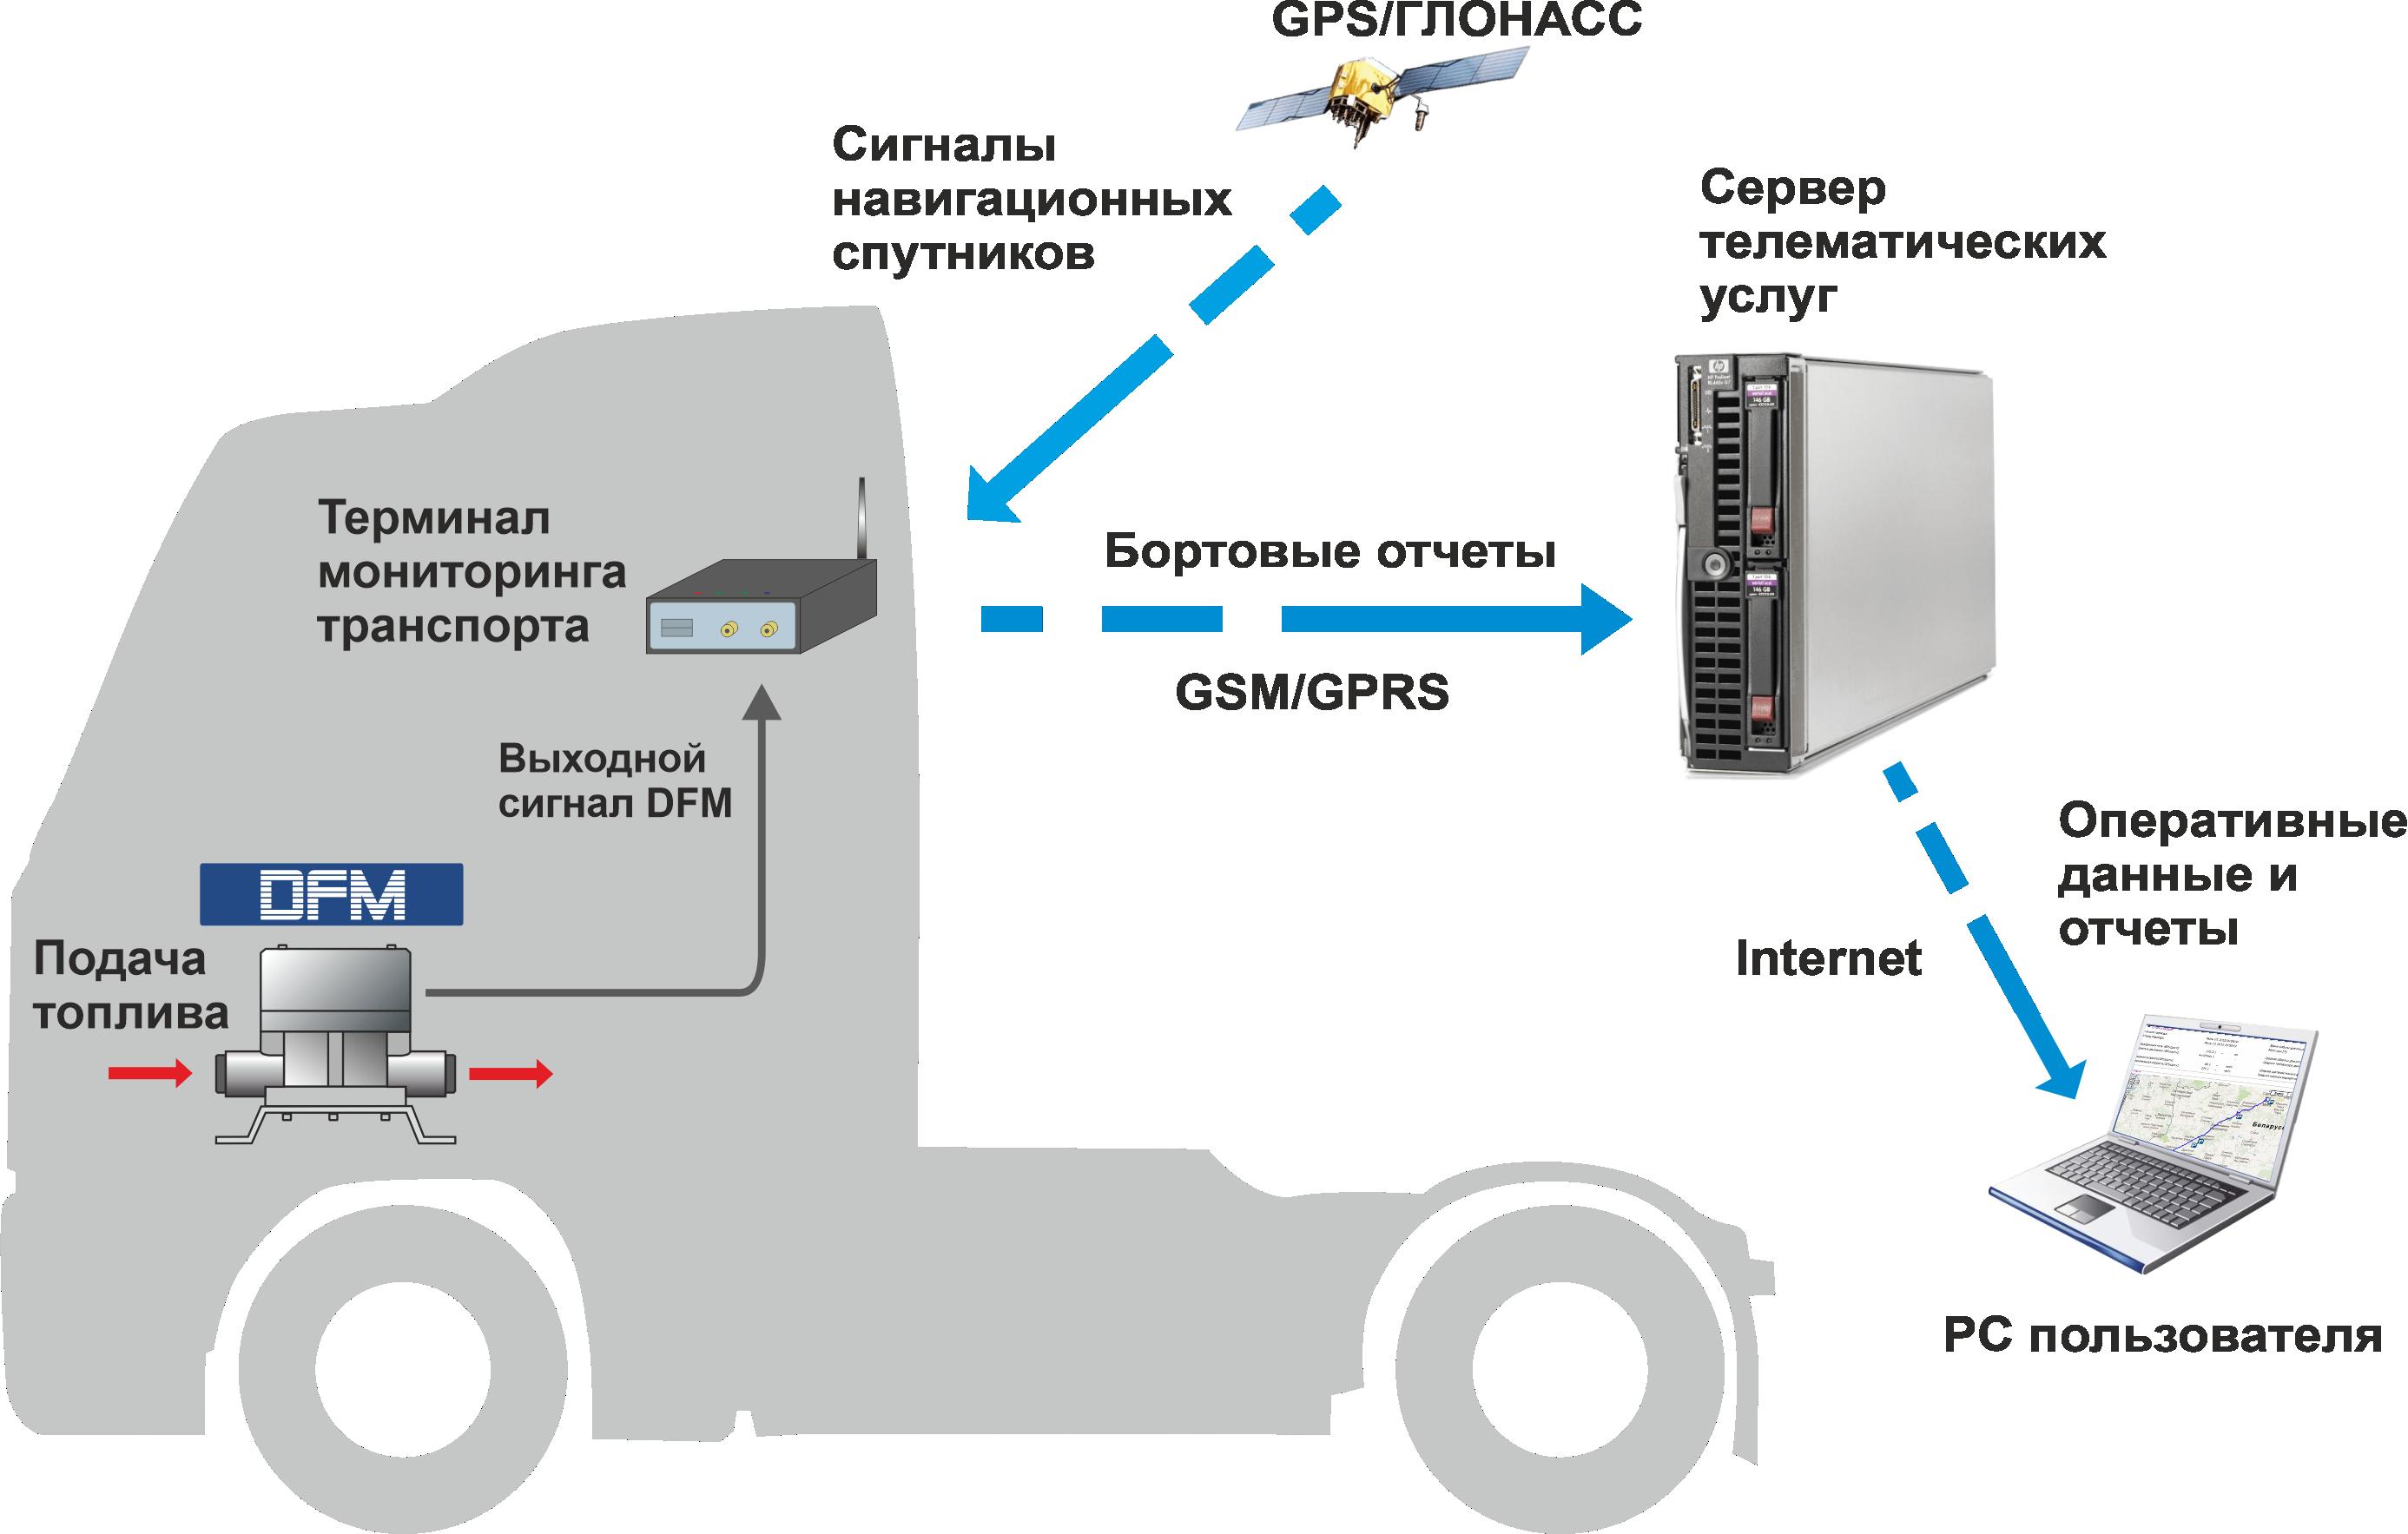 Контроль расхода топлива в системе мониторинга транспорта